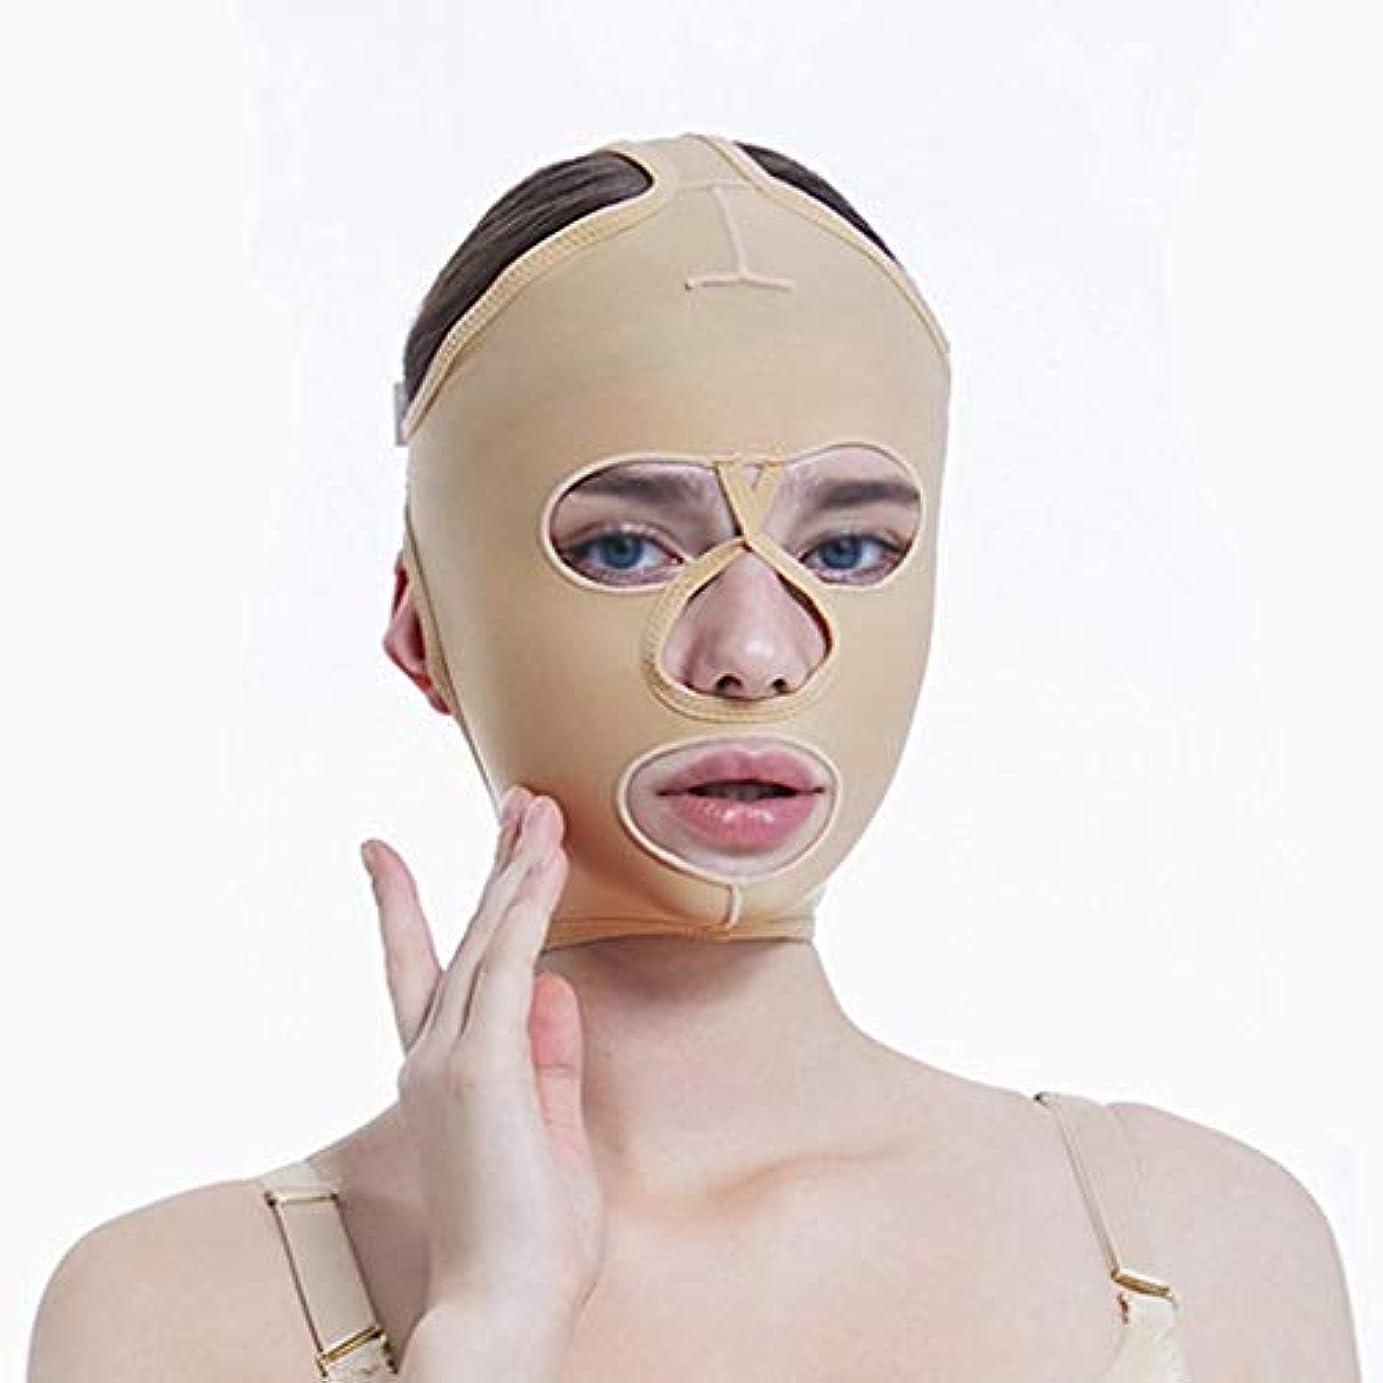 はがきディベートシビックチンリフティングベルト、超薄型ベルト、引き締めマスク、包帯吊り、フェイスリフティングマスク、超薄型ベルト、通気性(サイズ:L),M